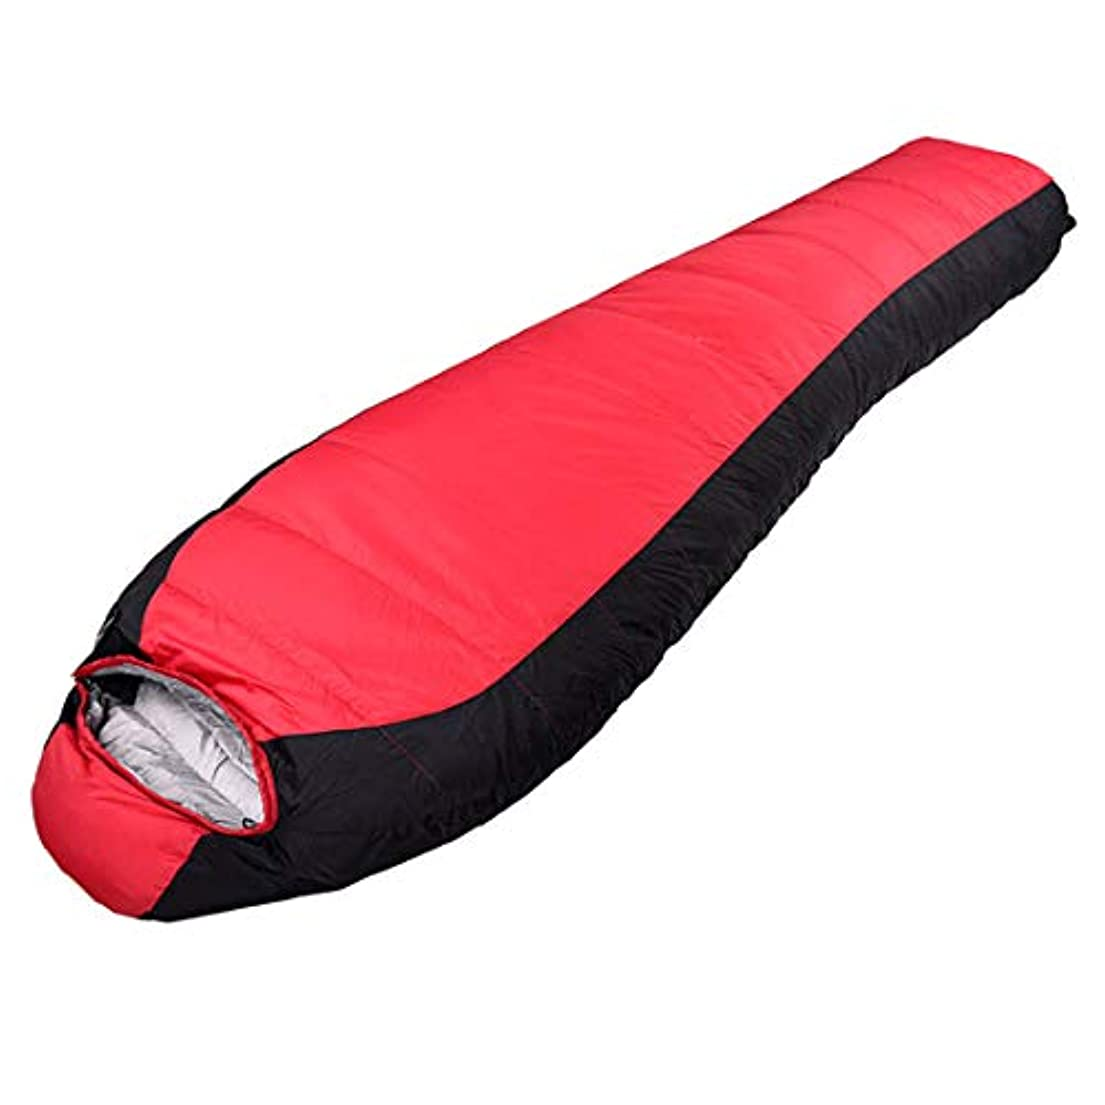 攻撃キリンすぐにNunulu キャンプミイラの寝袋軽量ポータブル防水快適なコンプレッションサック - グレート (色 : レッド)